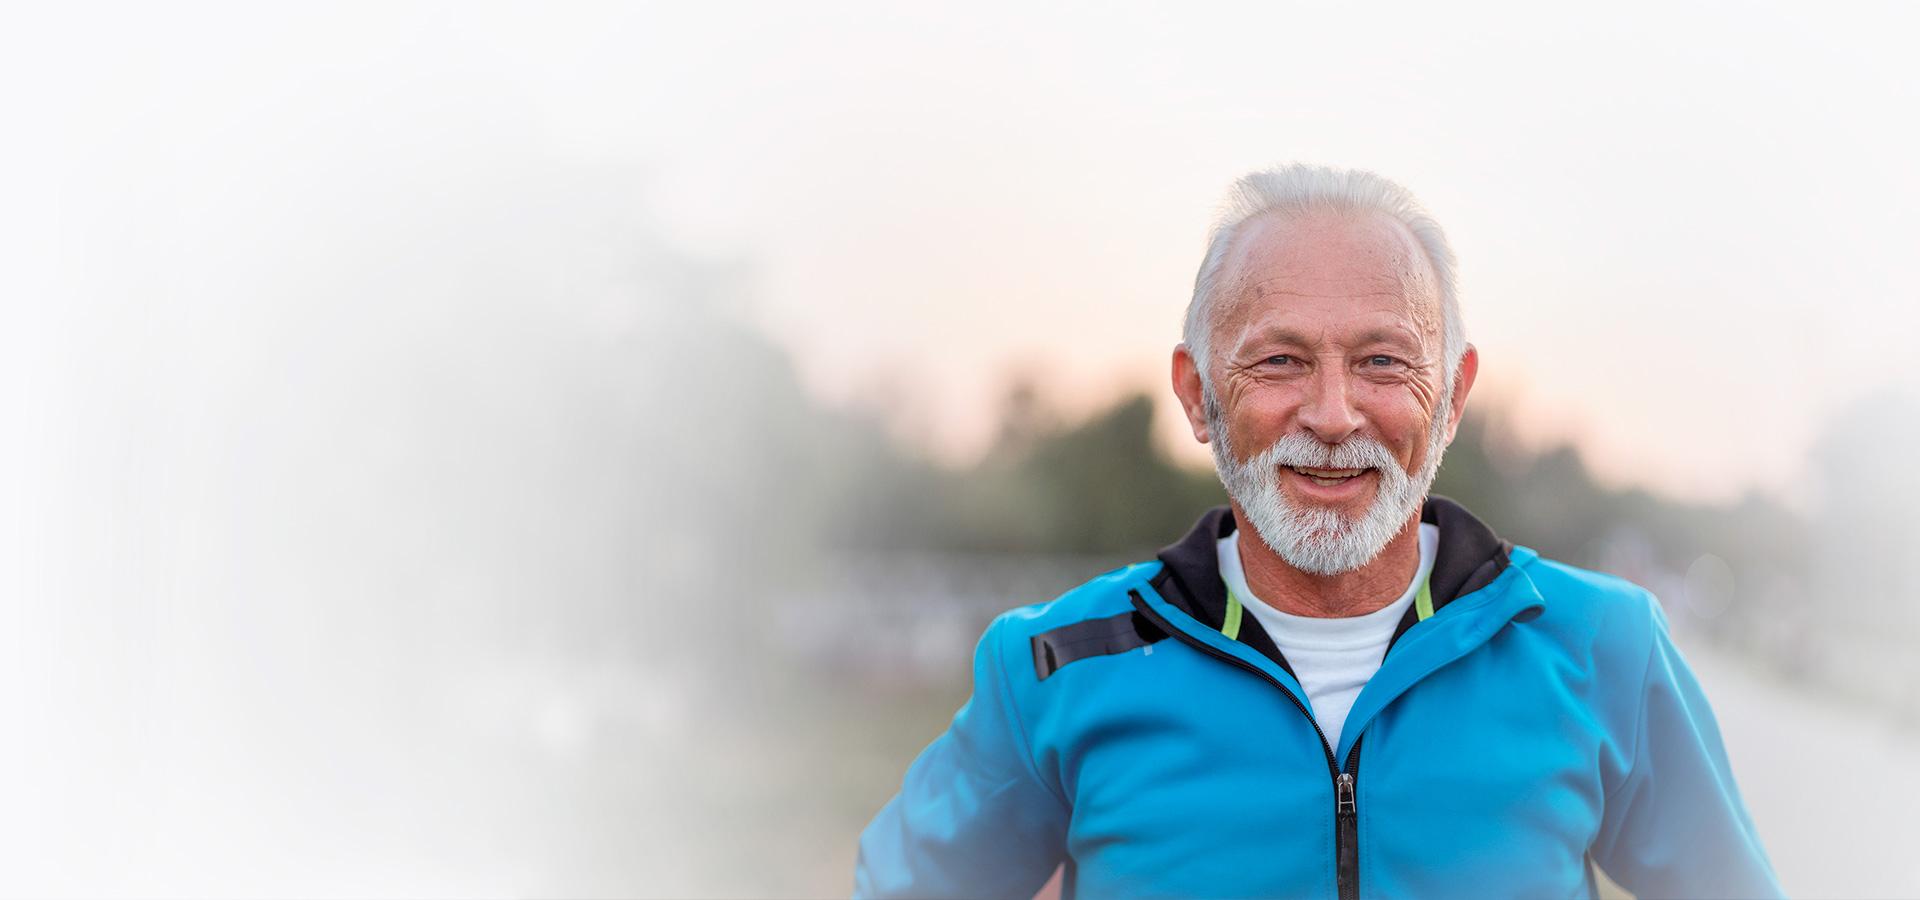 Älterer, fröhlicher und sportlicher Mann nach seinem Training